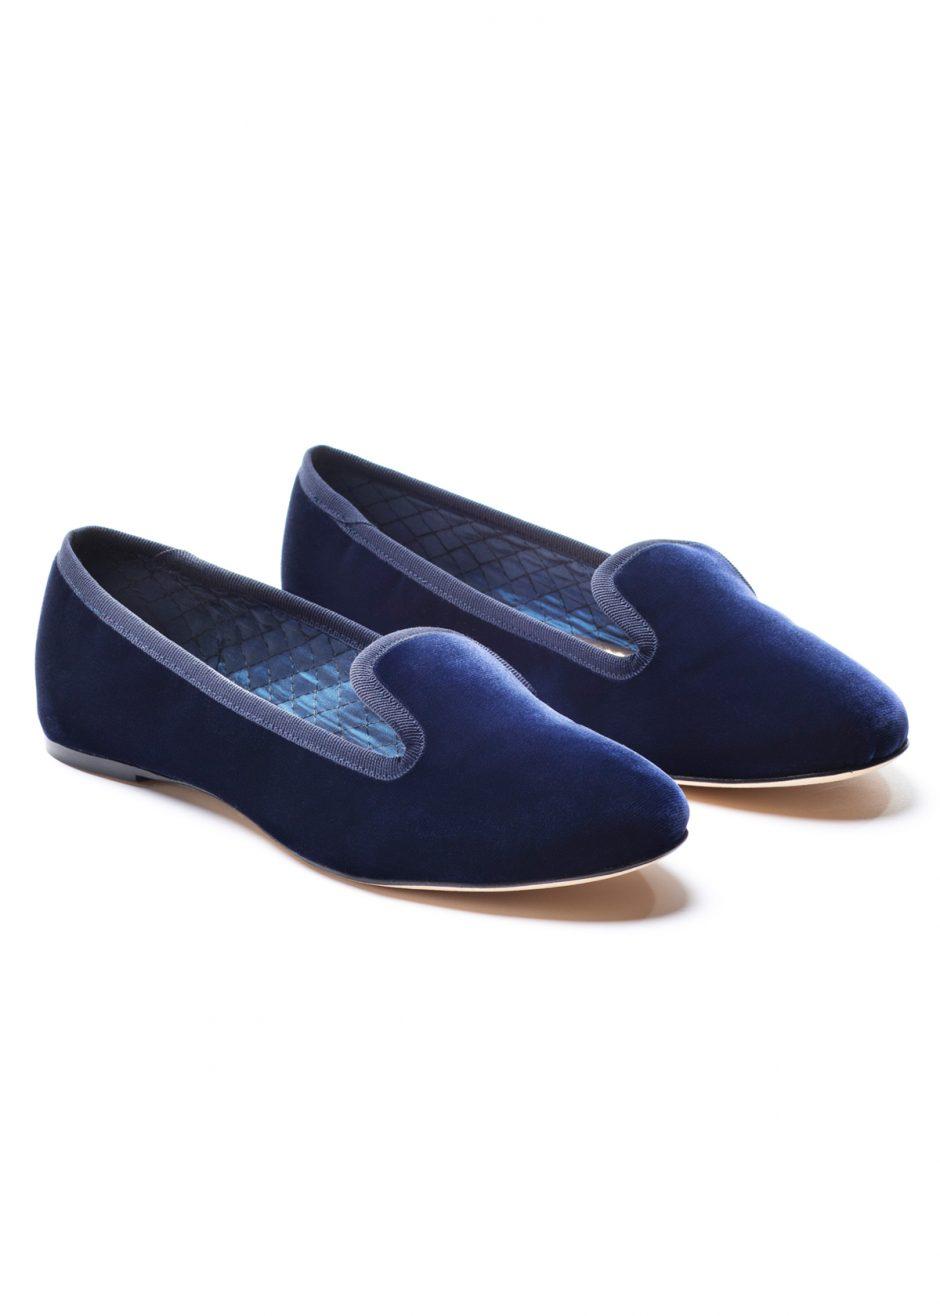 Casanova – Slipper deep blue velvet